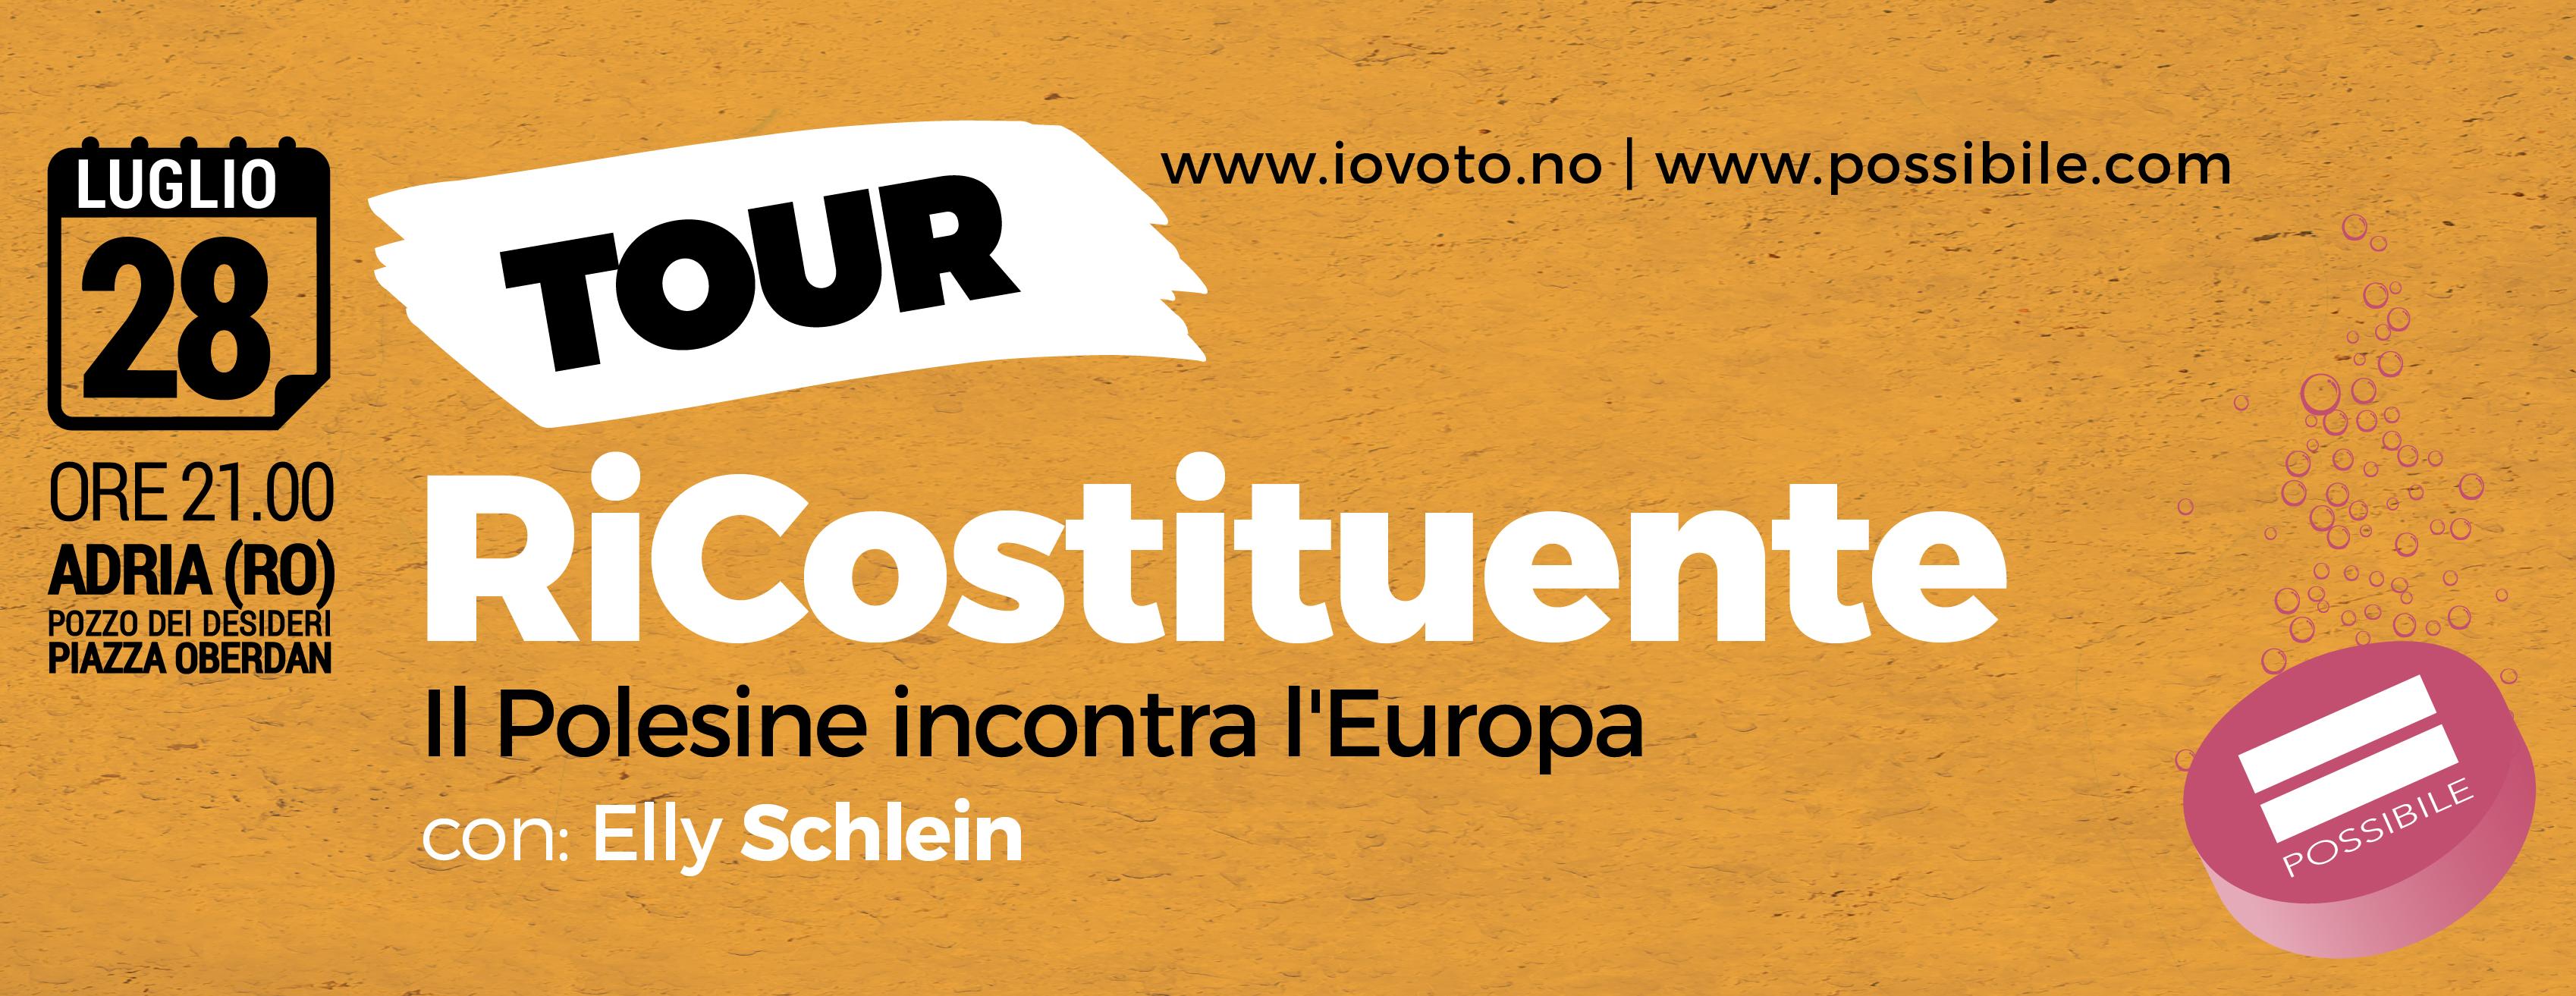 Tour RiCostituente : Il Polesine incontra l'Europa, con Elly  Schlein